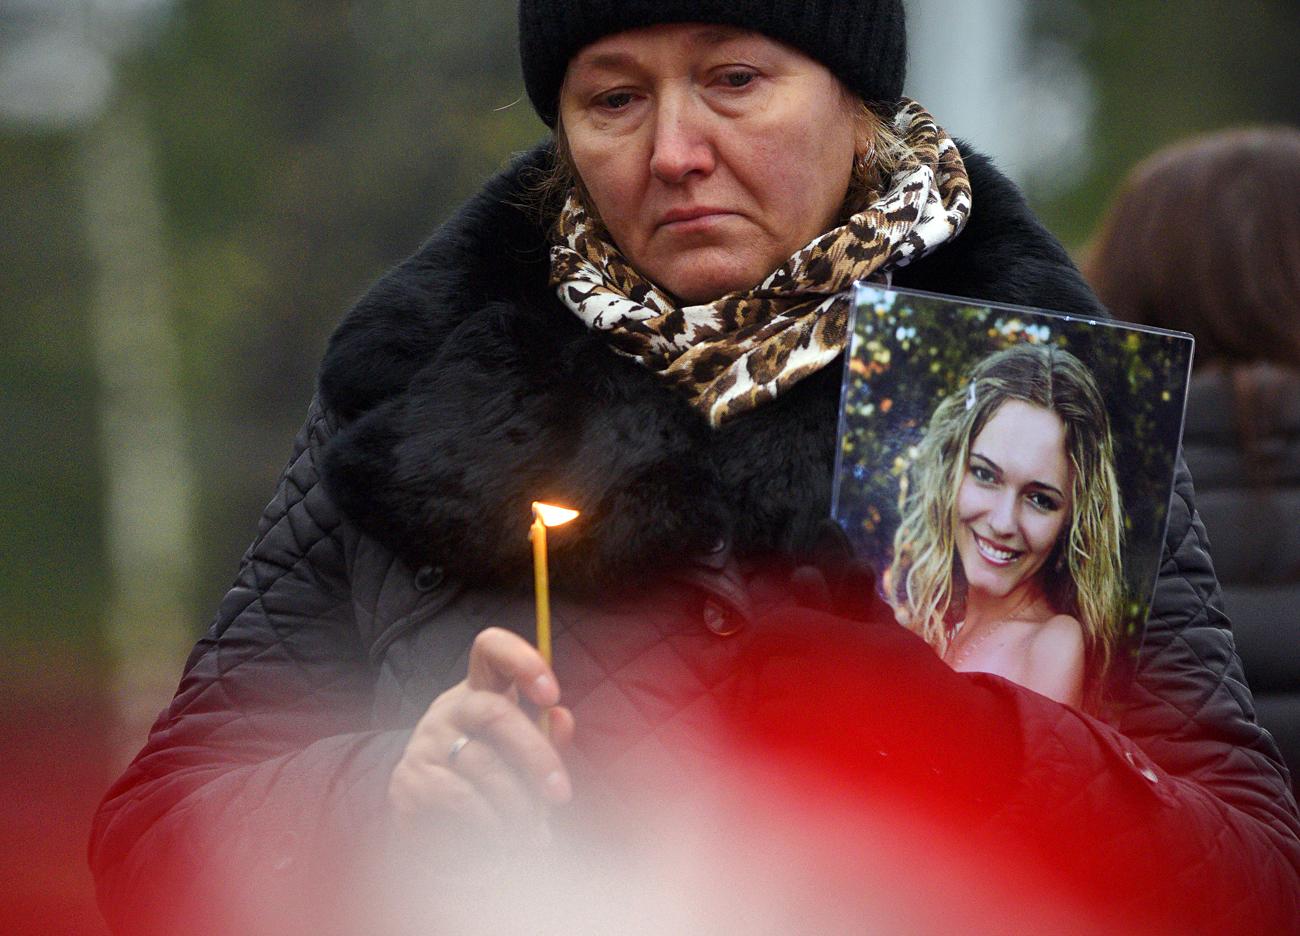 Чланови породица жртава трагедије изнад Синаја неће још дуго чекати прве резултате истраге.